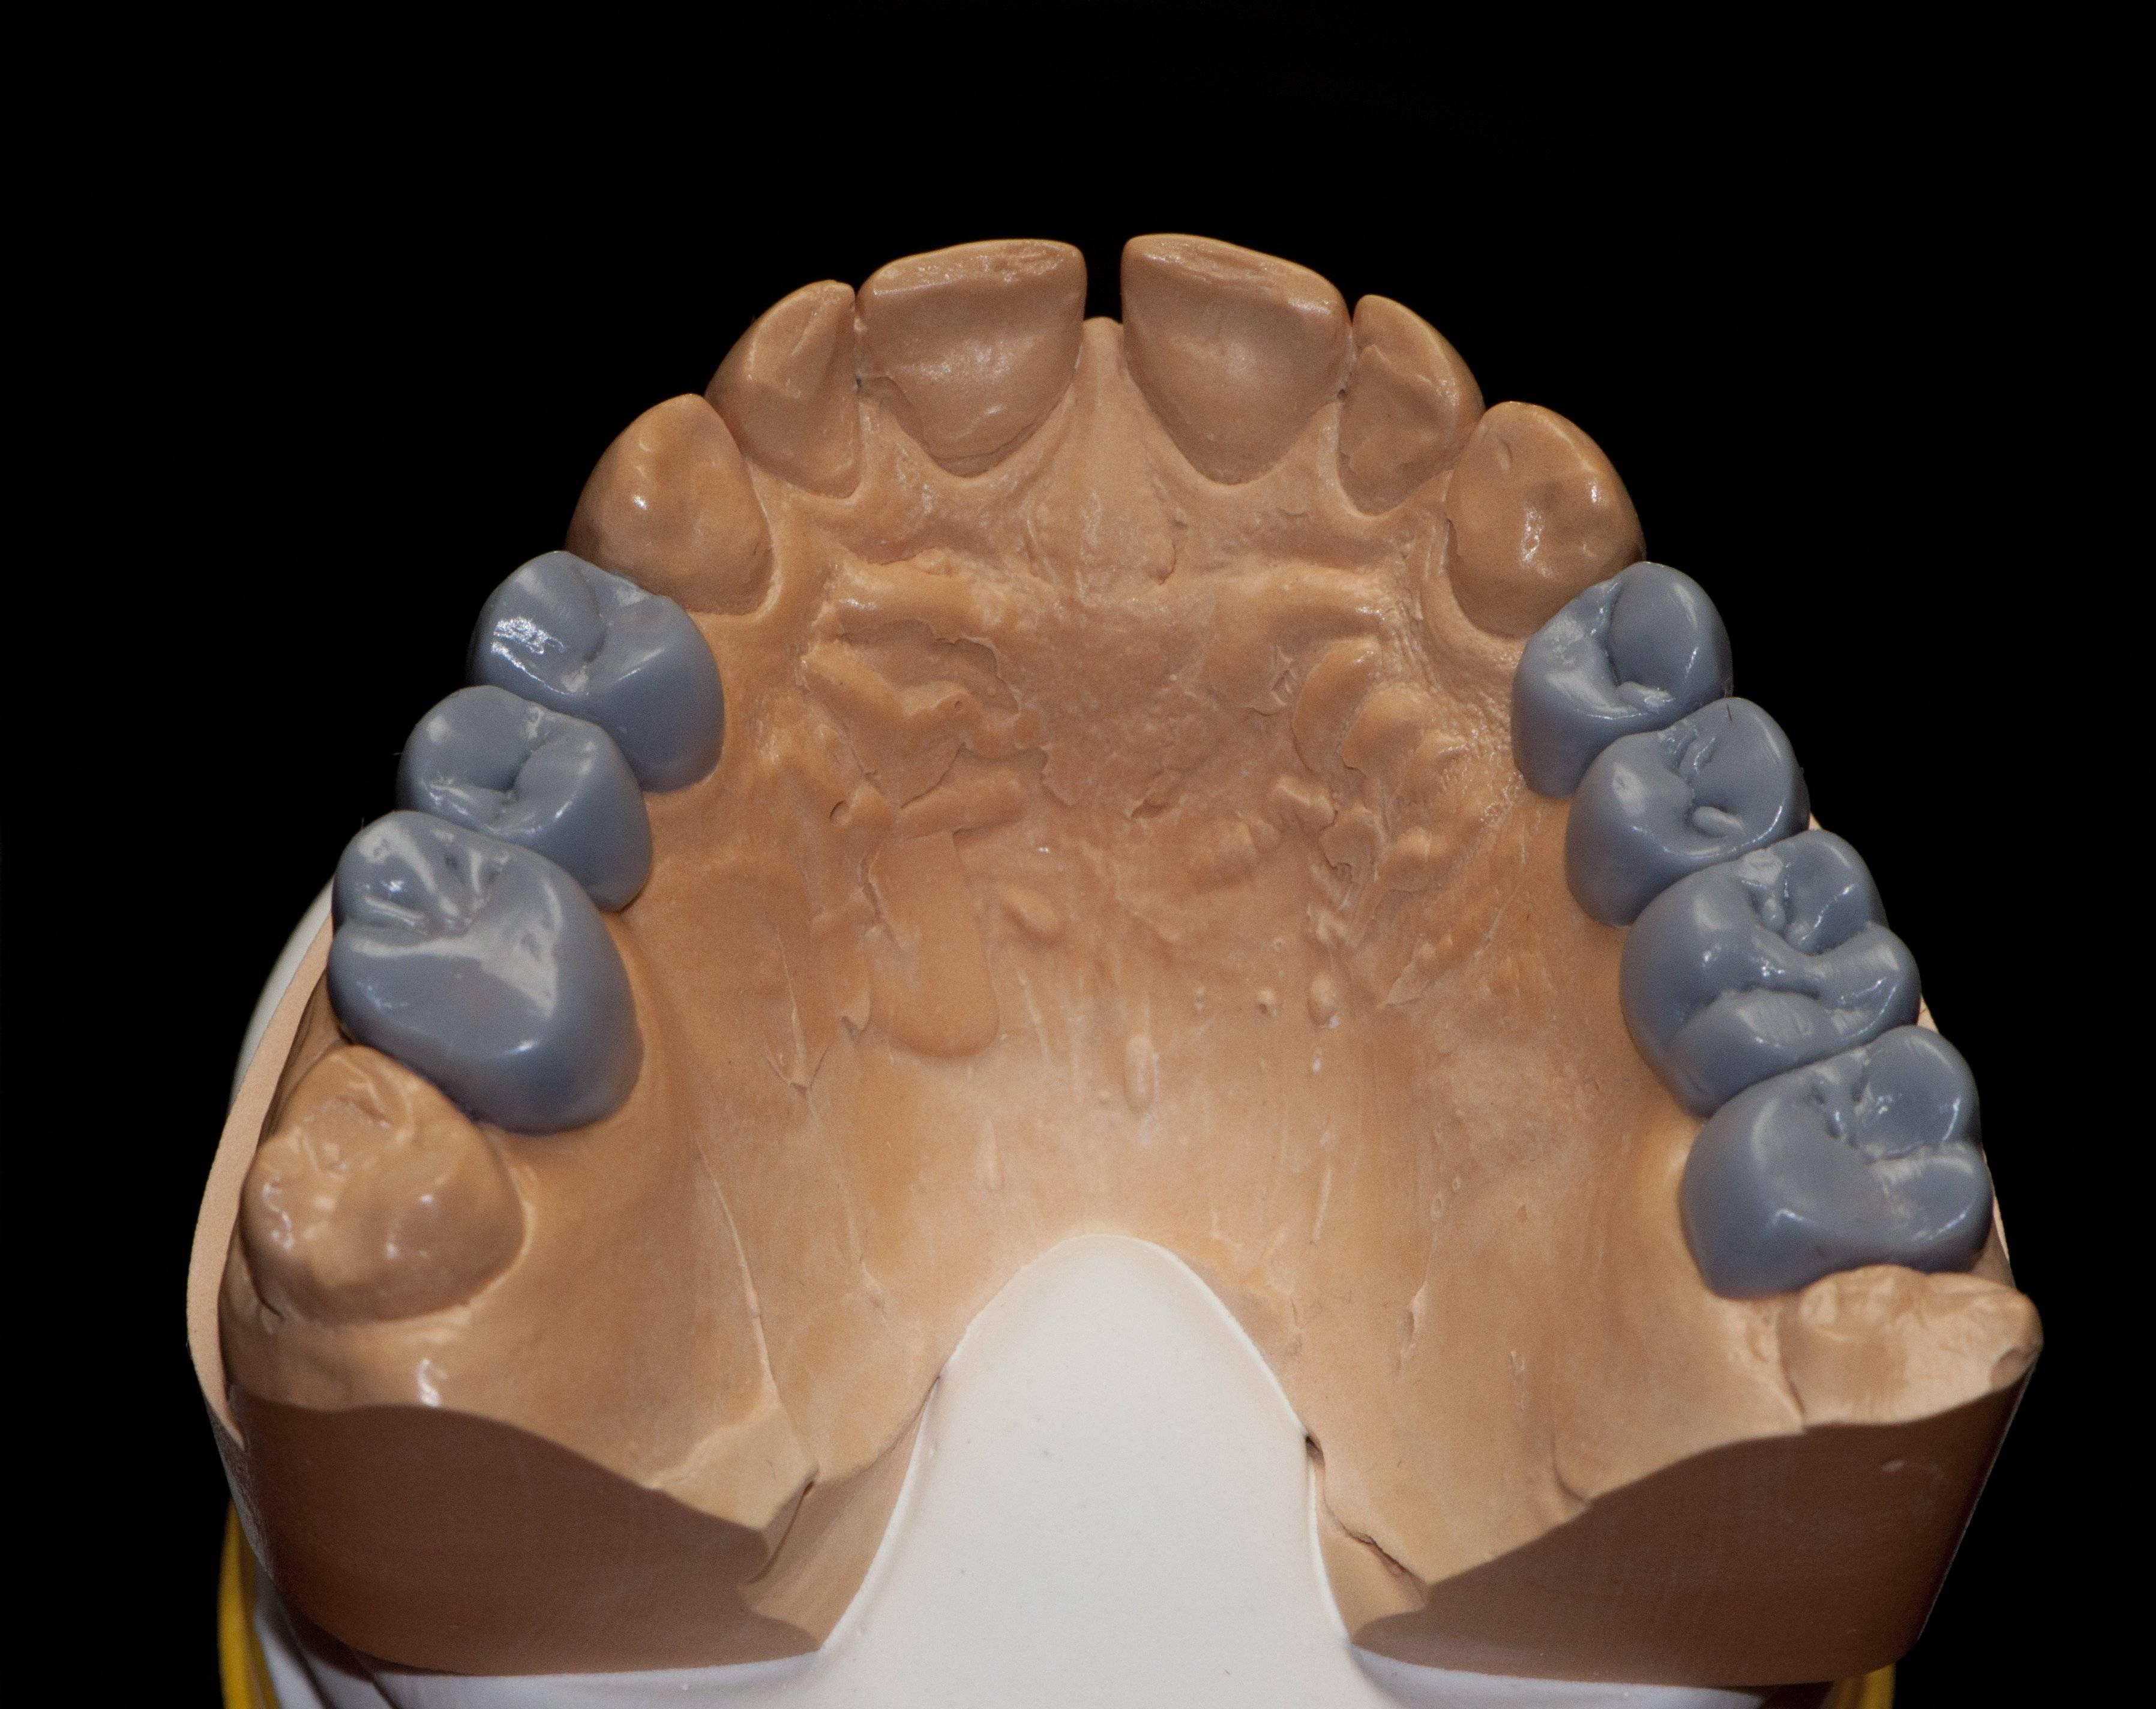 Особенности современного воскового моделирования зубов